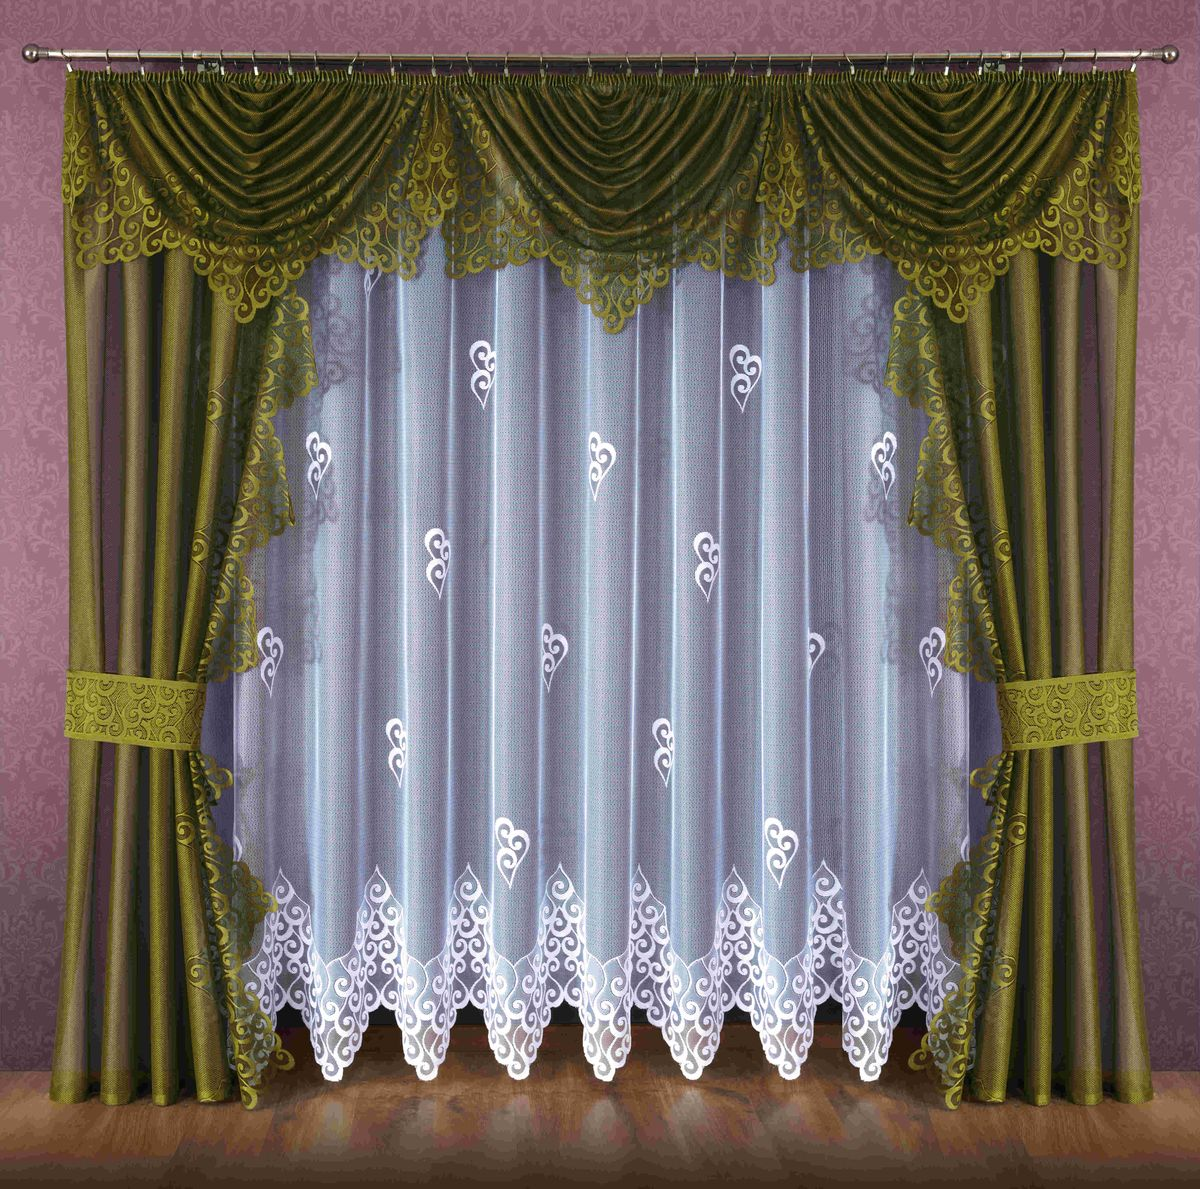 Комплект штор Wisan Ludmila, на ленте, цвет: белый, оливковый, высота 250 см089WКомплект штор Wisan Ludmila выполненный из полиэстера, великолепно украсит любое окно. В комплект входят 2 шторы, тюль, ламбрекен и 2 подхвата. Кружевной орнамент придает комплекту особый стиль и шарм. Тонкое плетение, нежная цветовая гамма и роскошное исполнение - все это делает шторы Wisan Ludmila замечательным дополнением интерьера помещения.Комплект оснащен шторной лентой для красивой сборки. В комплект входит: Штора - 2 шт. Размер (ШхВ): 140 см х 250 см.Тюль - 1 шт. Размер (ШхВ): 400 см х 250 см. Ламбрекен - 1 шт. Размер (ШхВ): 440 см х 135 см. Подхват - 2 шт.Фирма Wisan на польском рынке существует уже более пятидесяти лет и является одной из лучших польских фабрик по производству штор и тканей. Ассортимент фирмы представлен готовыми комплектами штор для гостиной, детской, кухни, а также текстилем для кухни (скатерти, салфетки, дорожки, кухонные занавески). Модельный ряд отличает оригинальный дизайн, высокое качество. Ассортимент продукции постоянно пополняется.